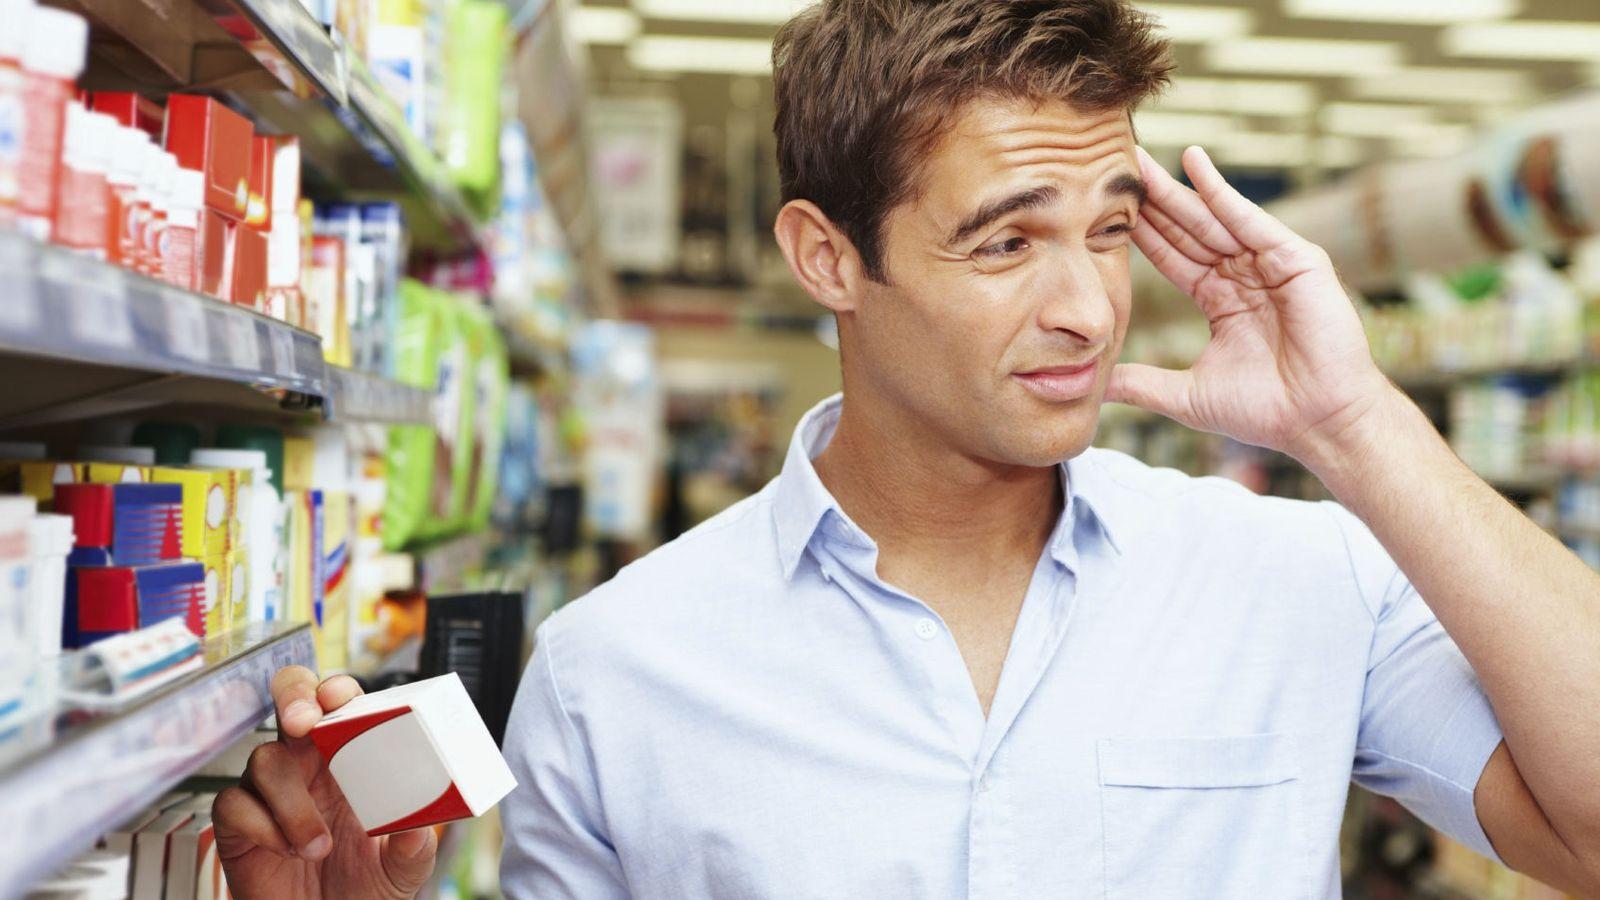 Trucos Cómo Quitar El Dolor De Cabeza En Dos Segundos Sin Pastillas Y Gratis